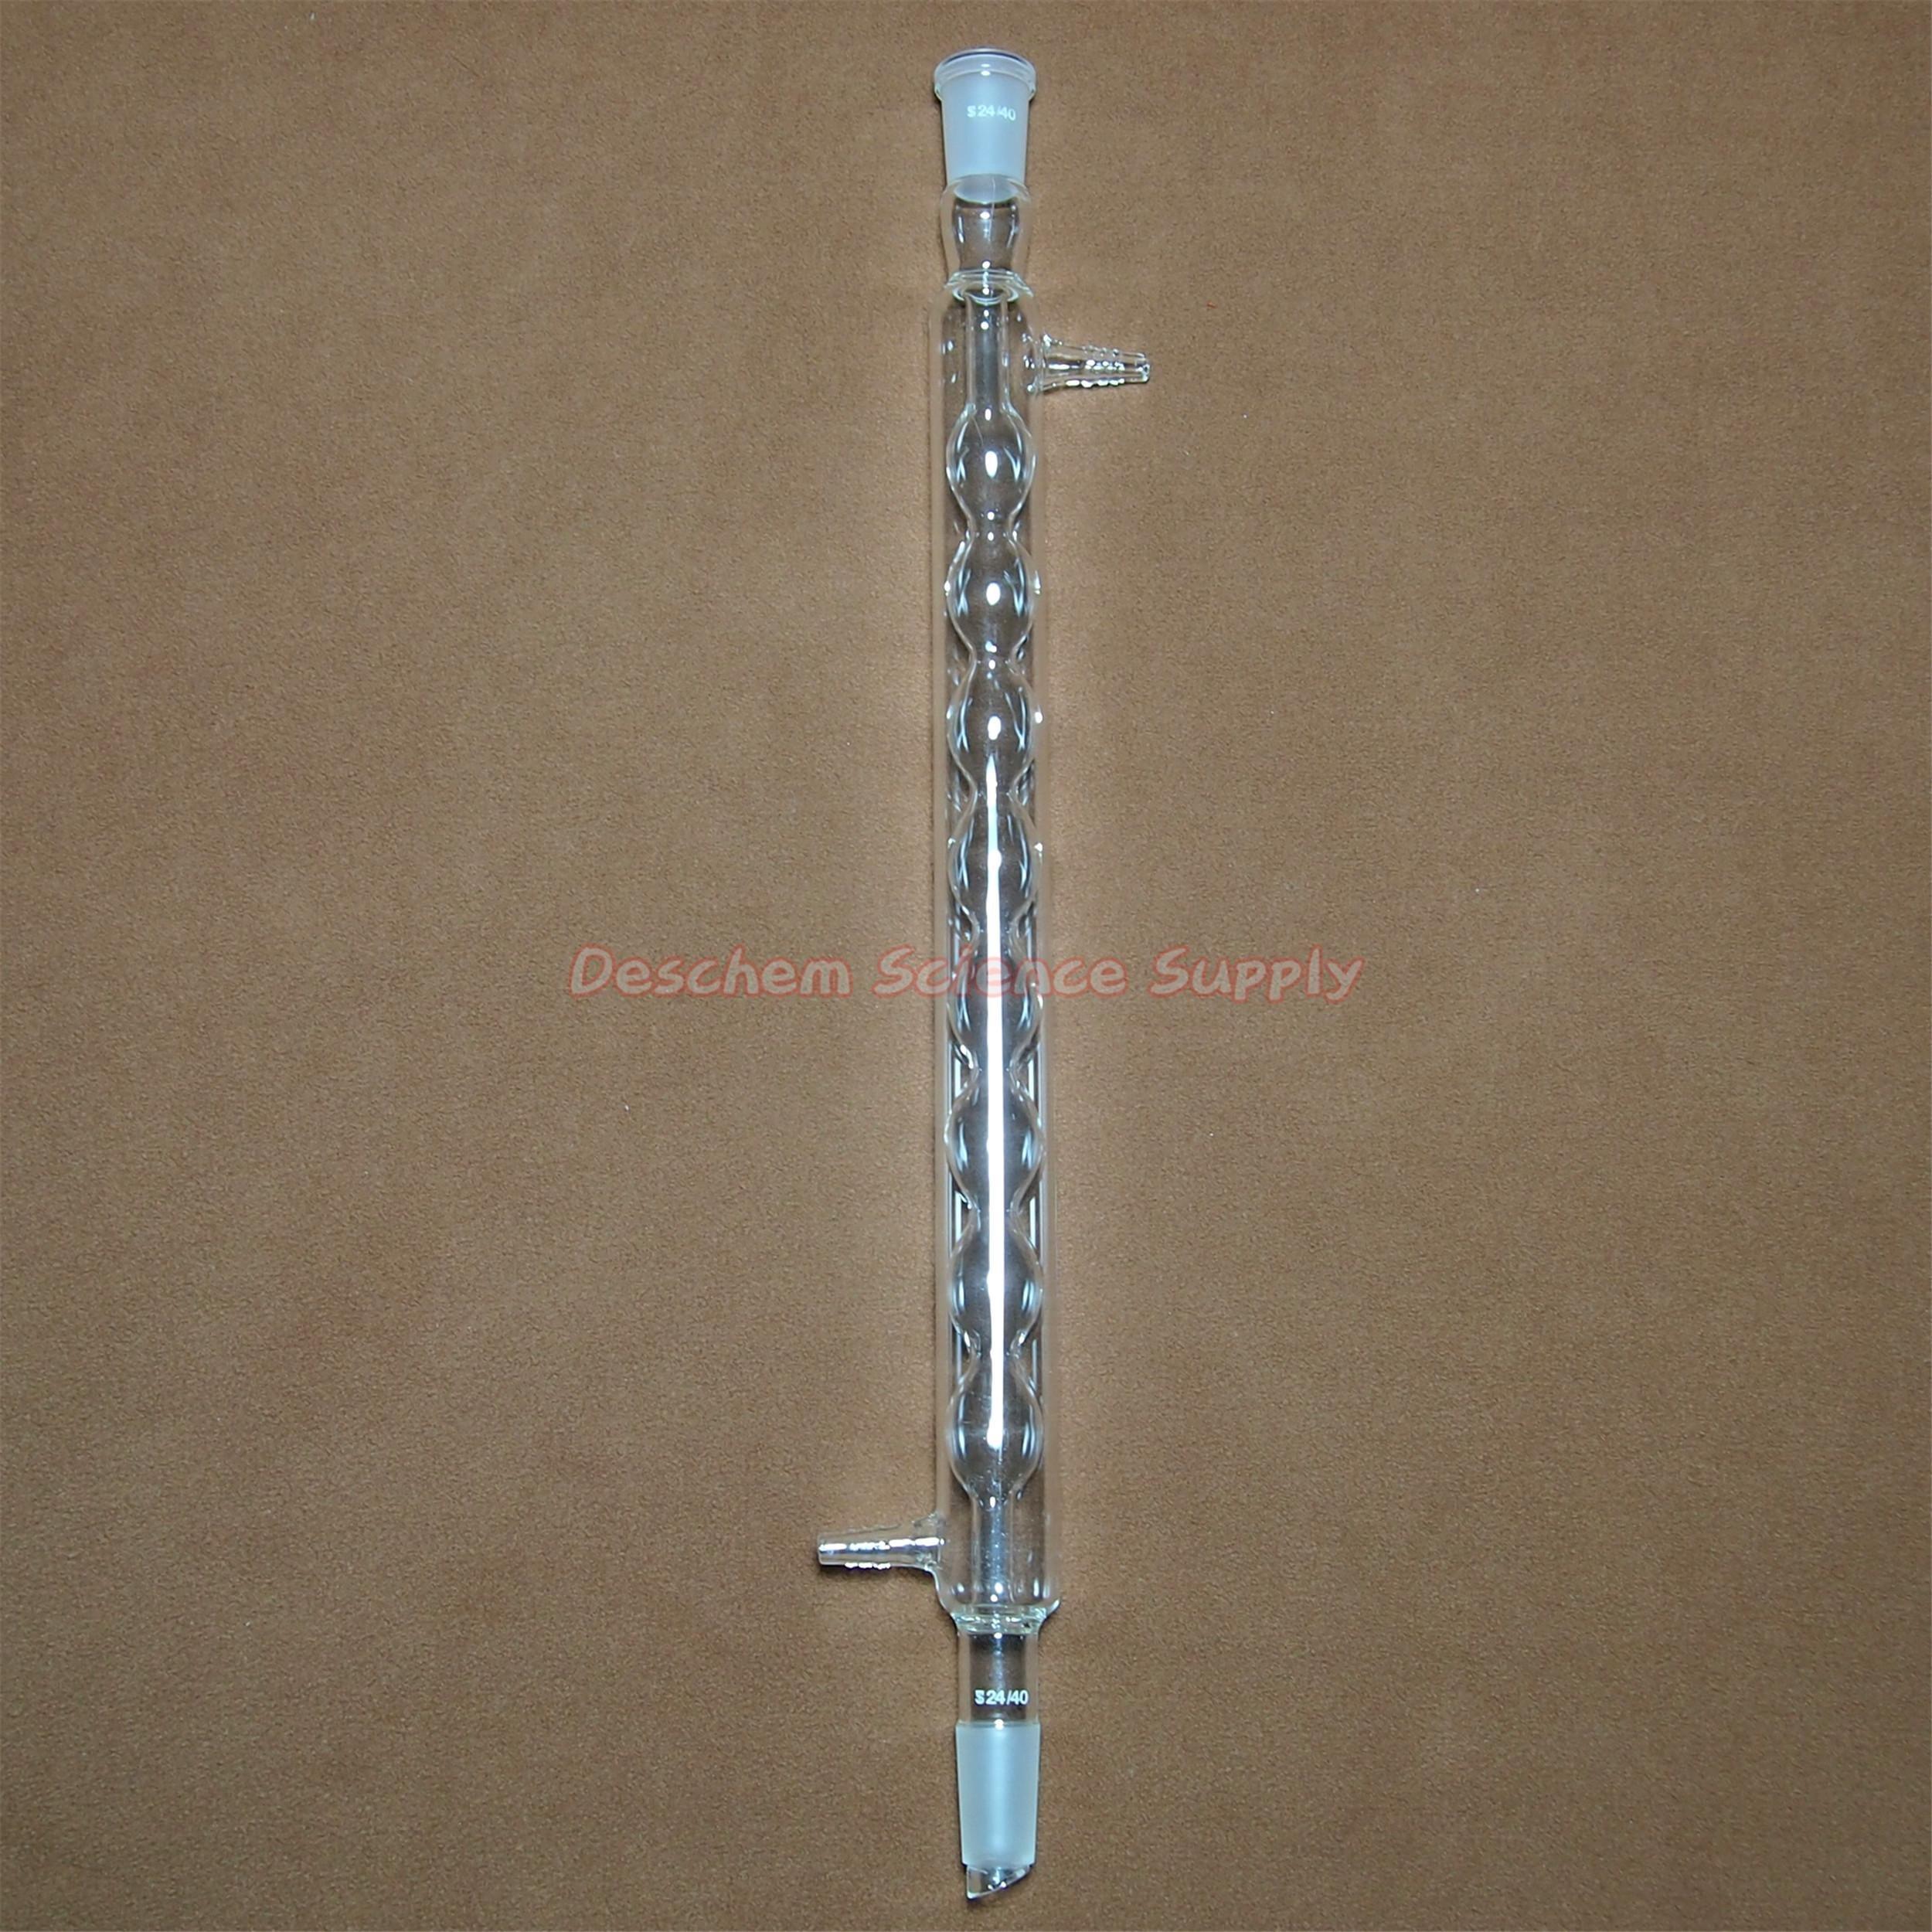 Deschem 400mm,24/40,Allihn Condenser,Ball Type Condensar,Chemistry Glassware